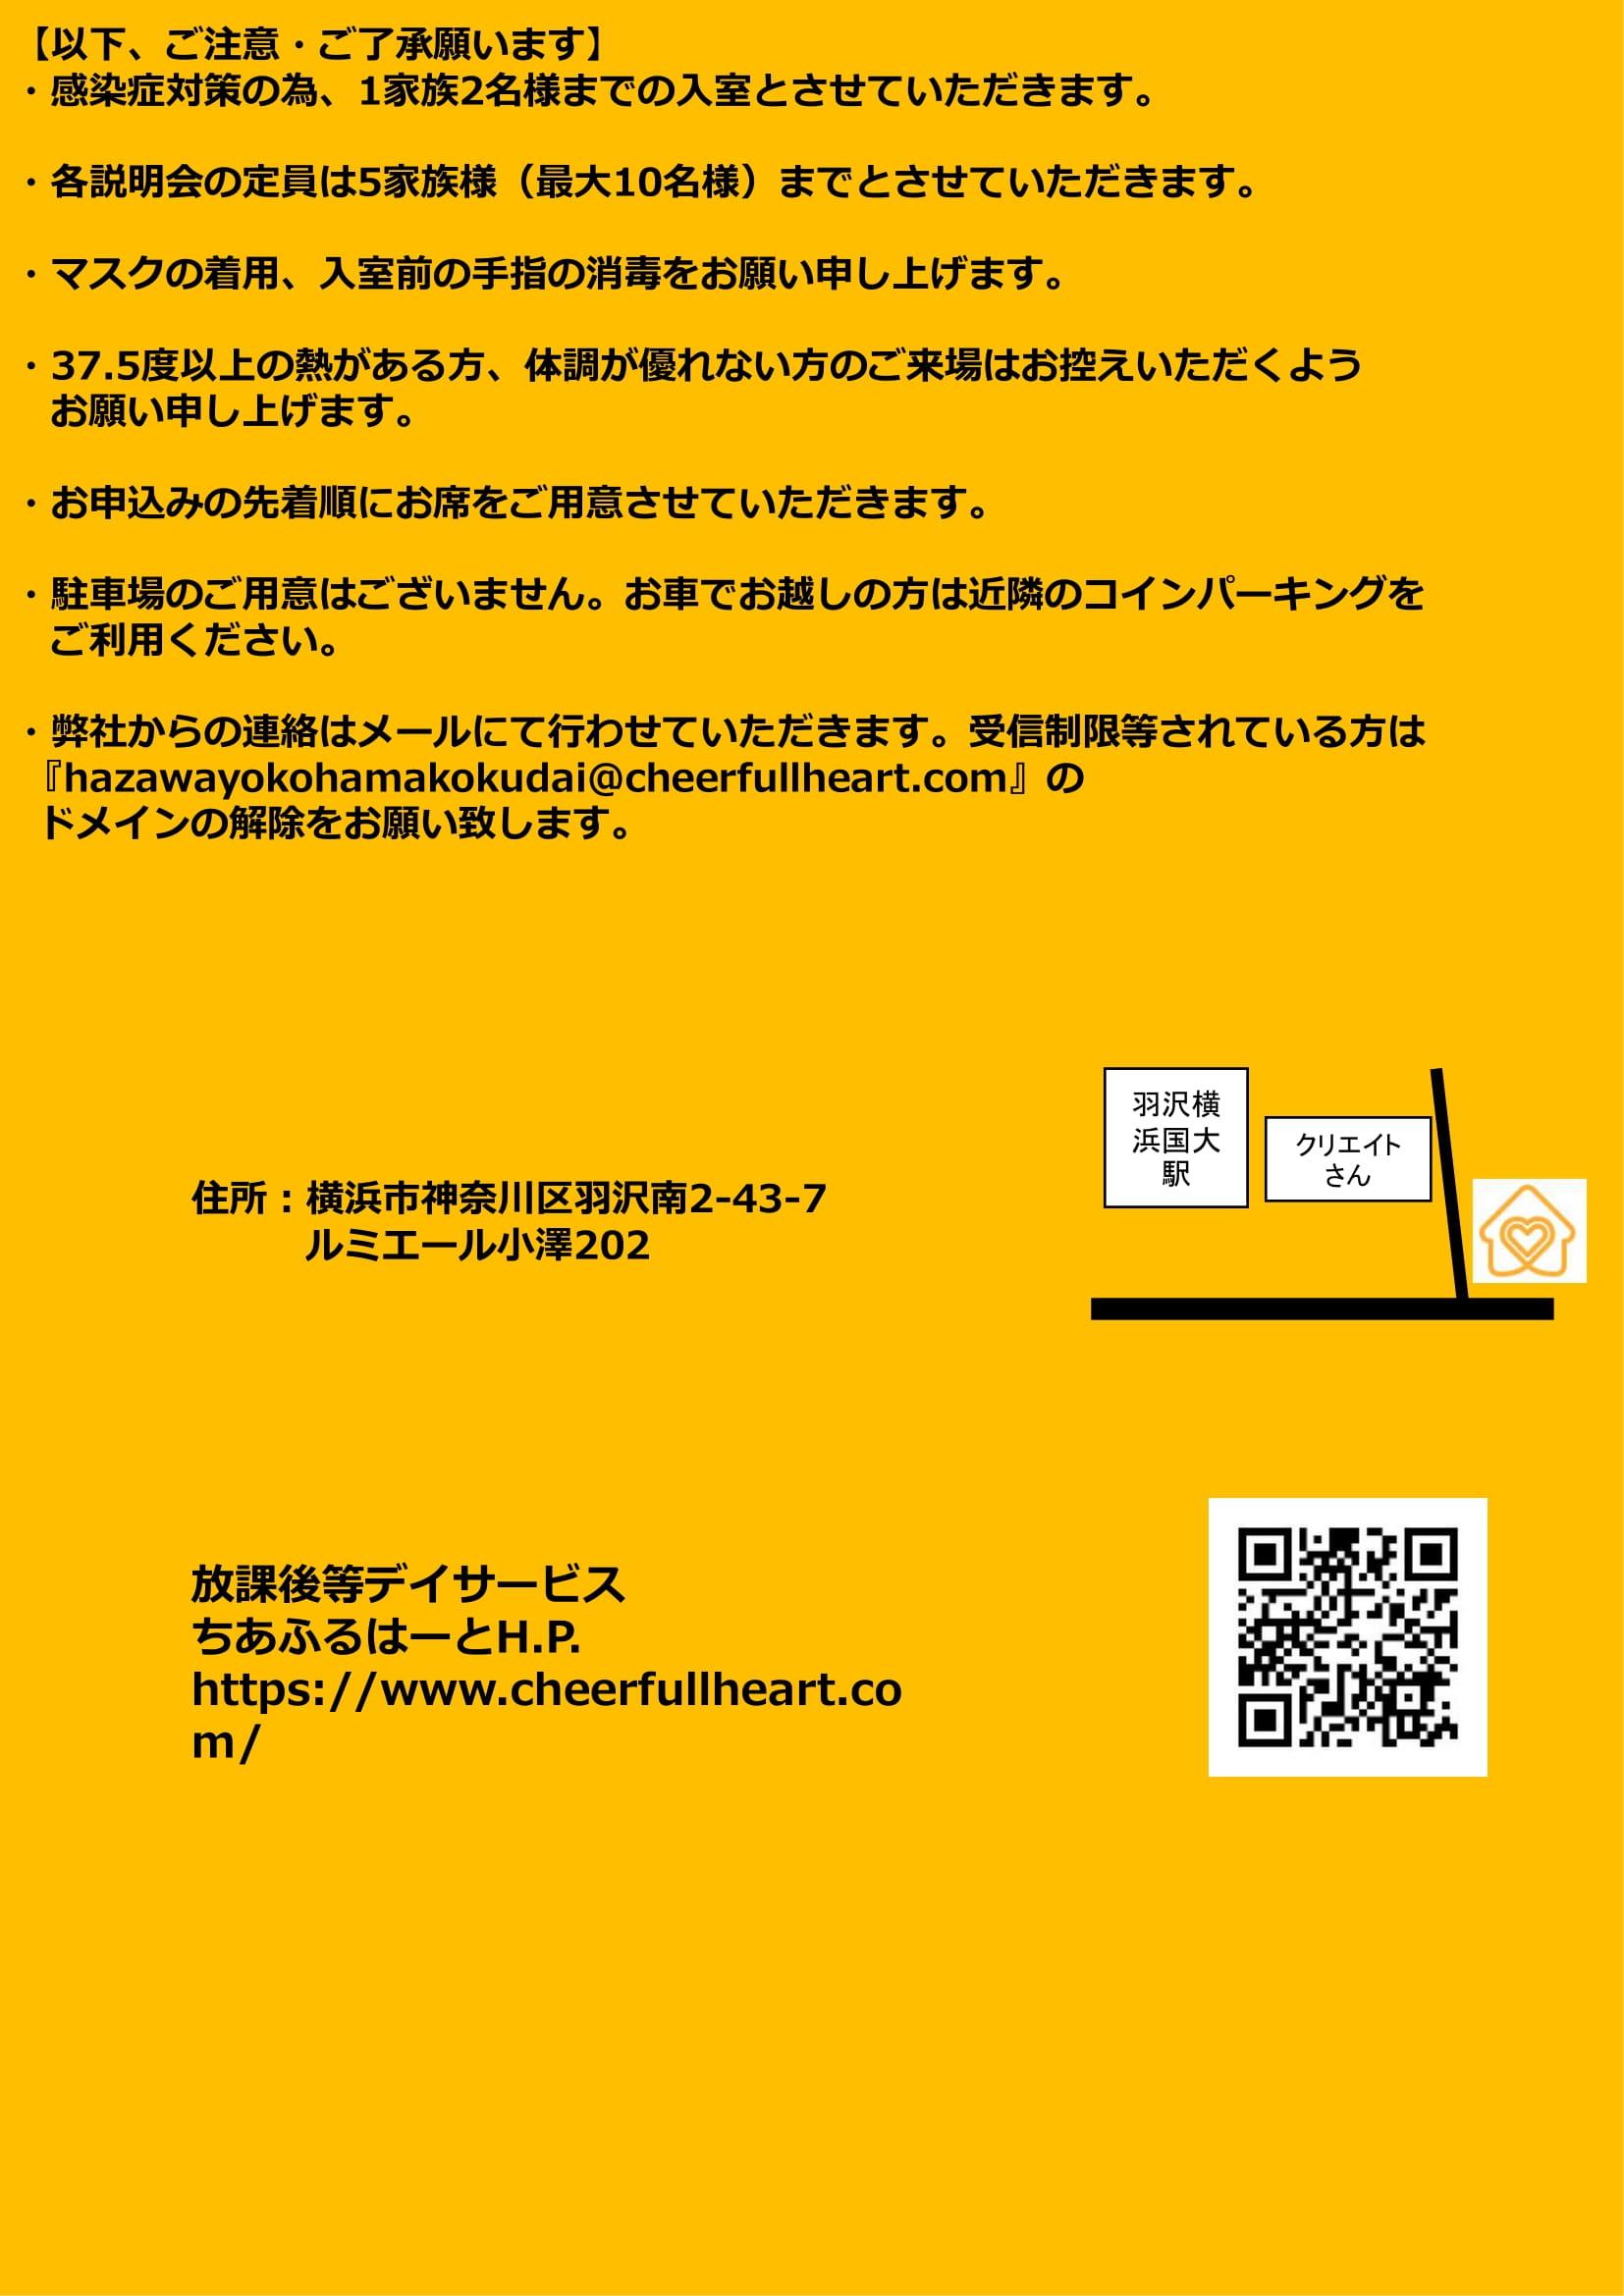 学習支援型 放課後等デイサービス ちあふるはーと羽沢横浜国大 説明会のお知らせ